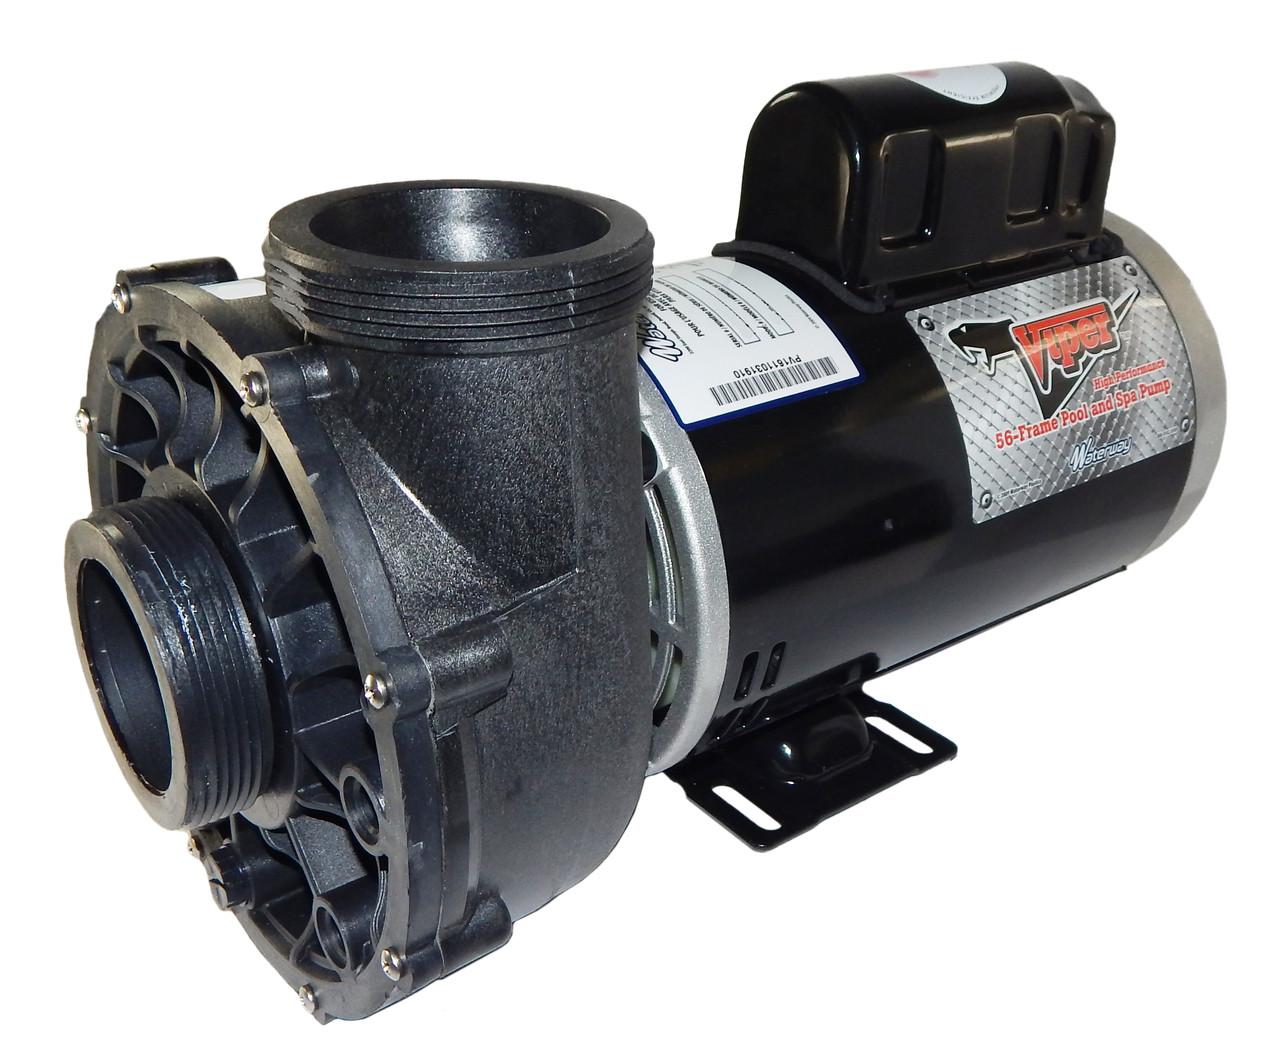 4hp Waterway Viper Spa Pump Side Discharge